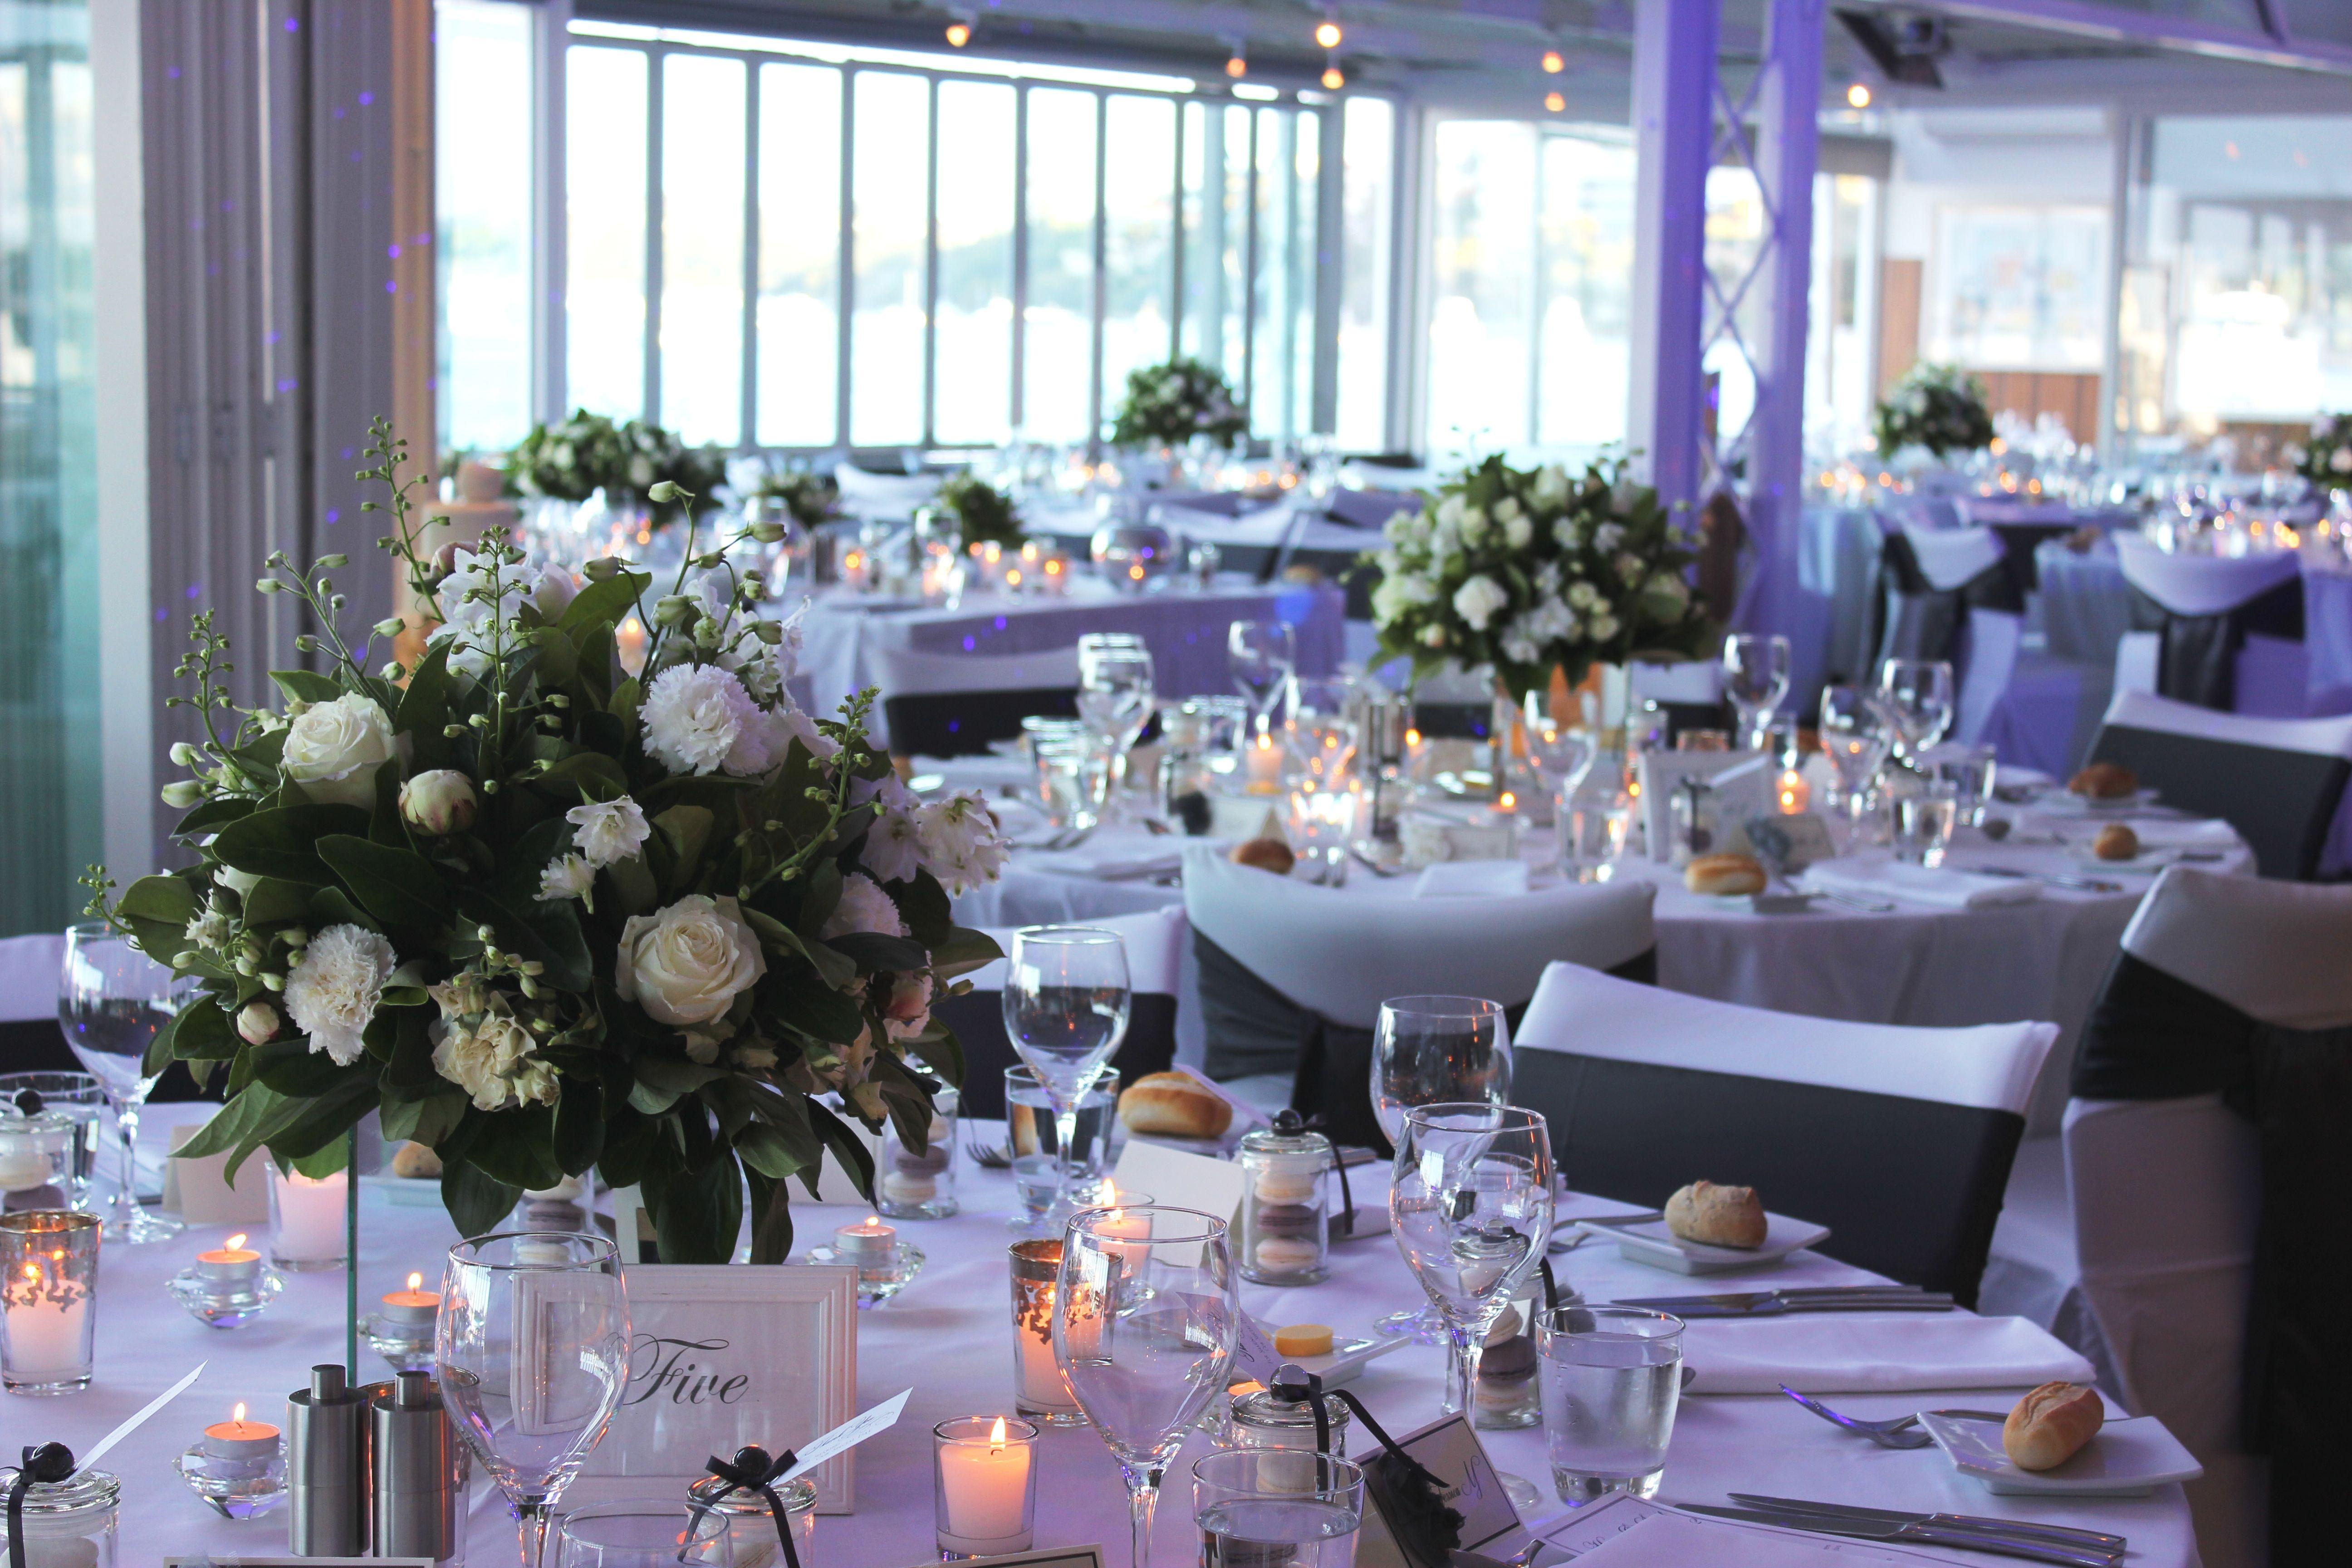 best outdoor wedding venues perth%0A Wedding setup at Mosmans Restuarant  Mosman Park  Perth  www touchedbyangels